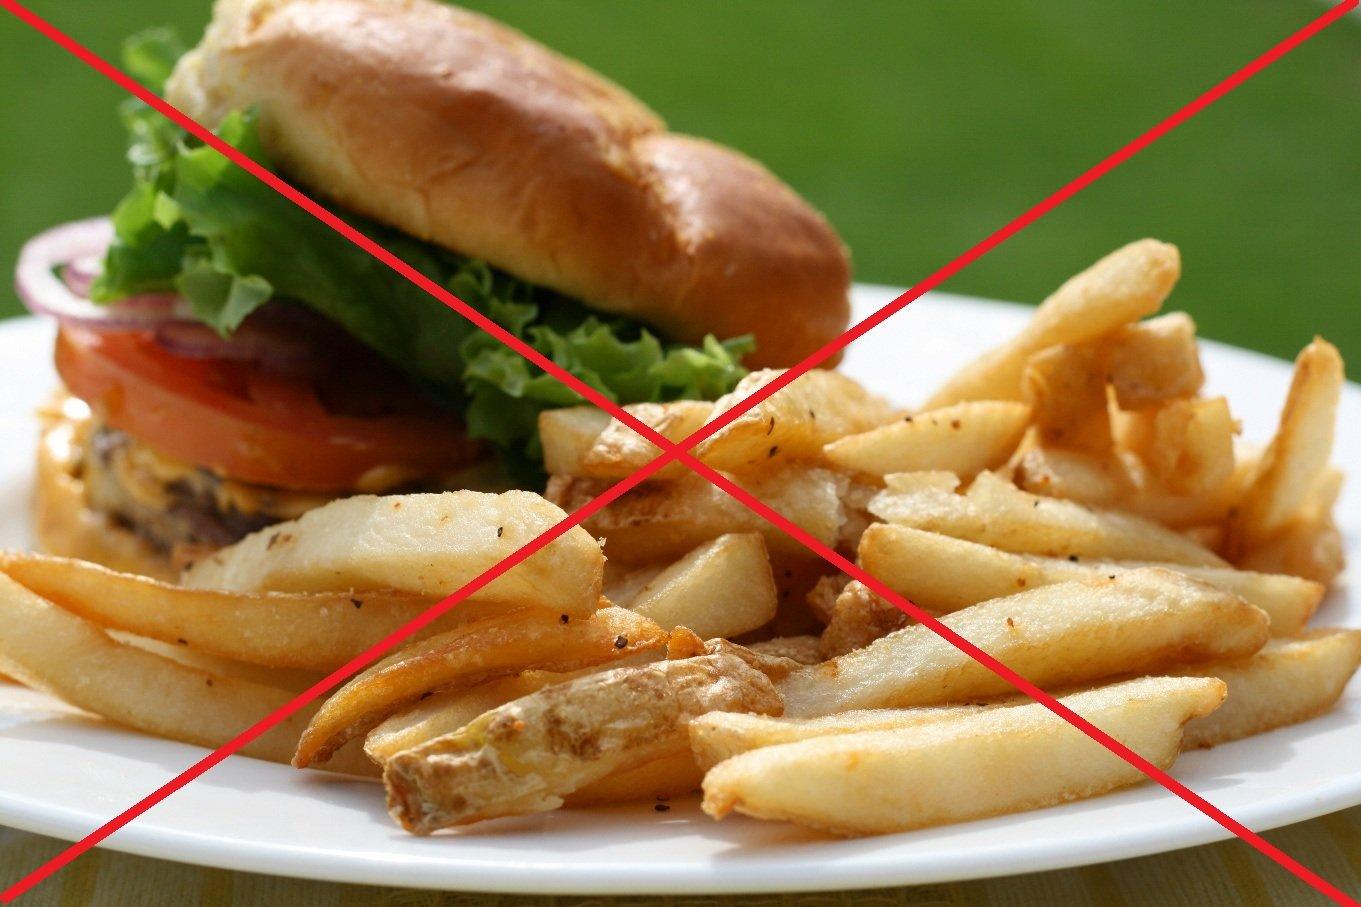 питание при повышенном холестерине у женщин